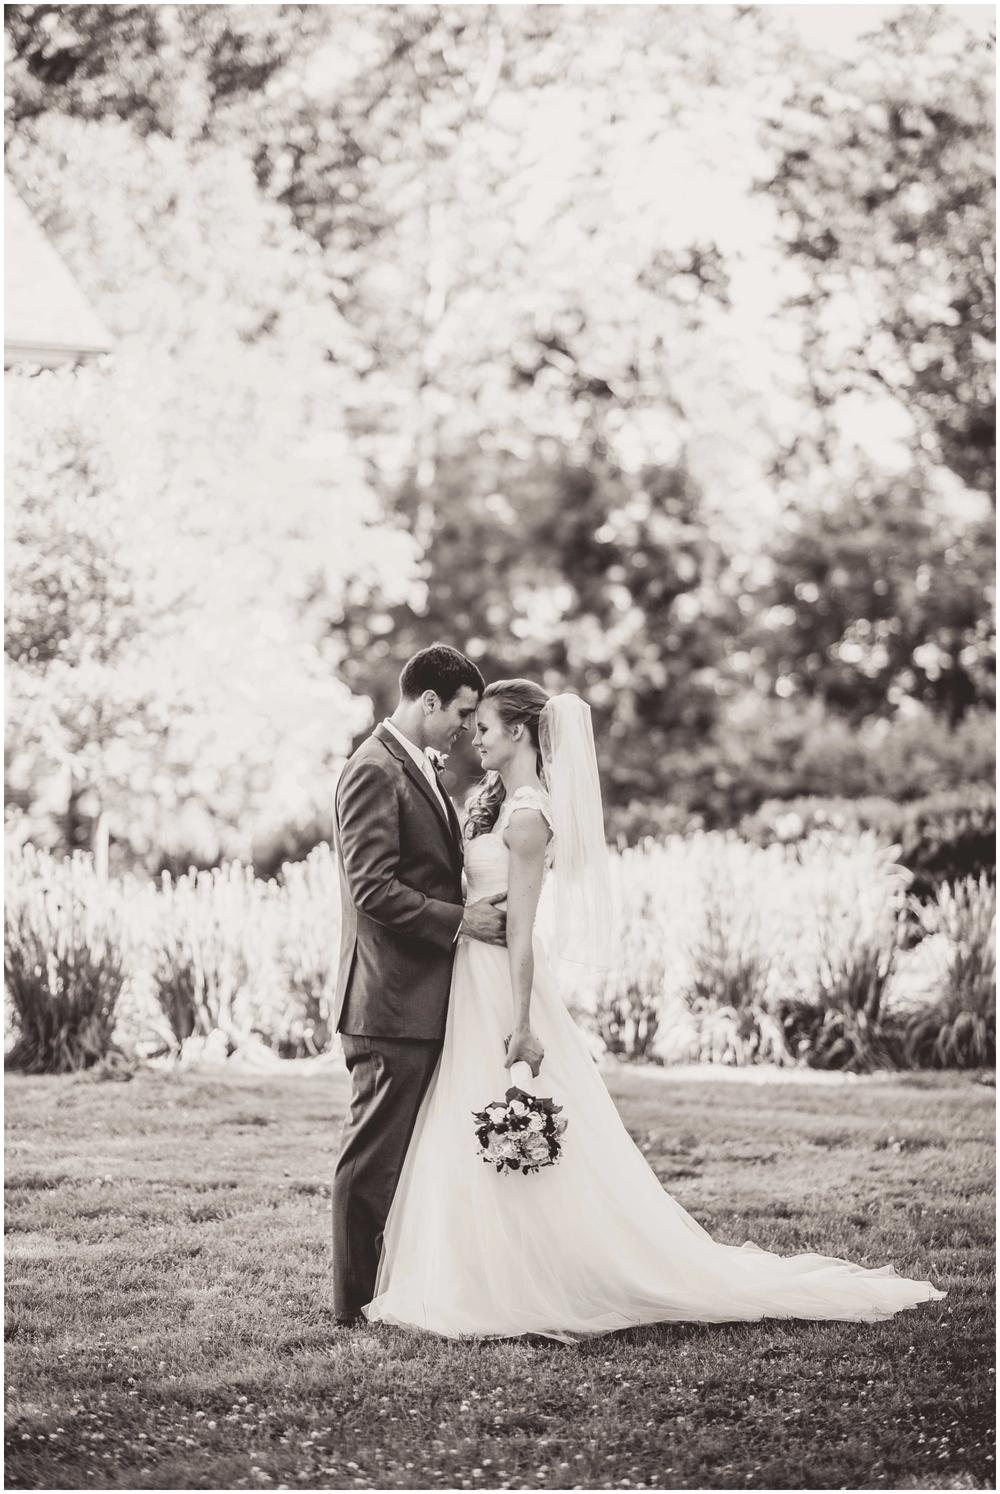 Austin&VanessaWedding-282.jpg